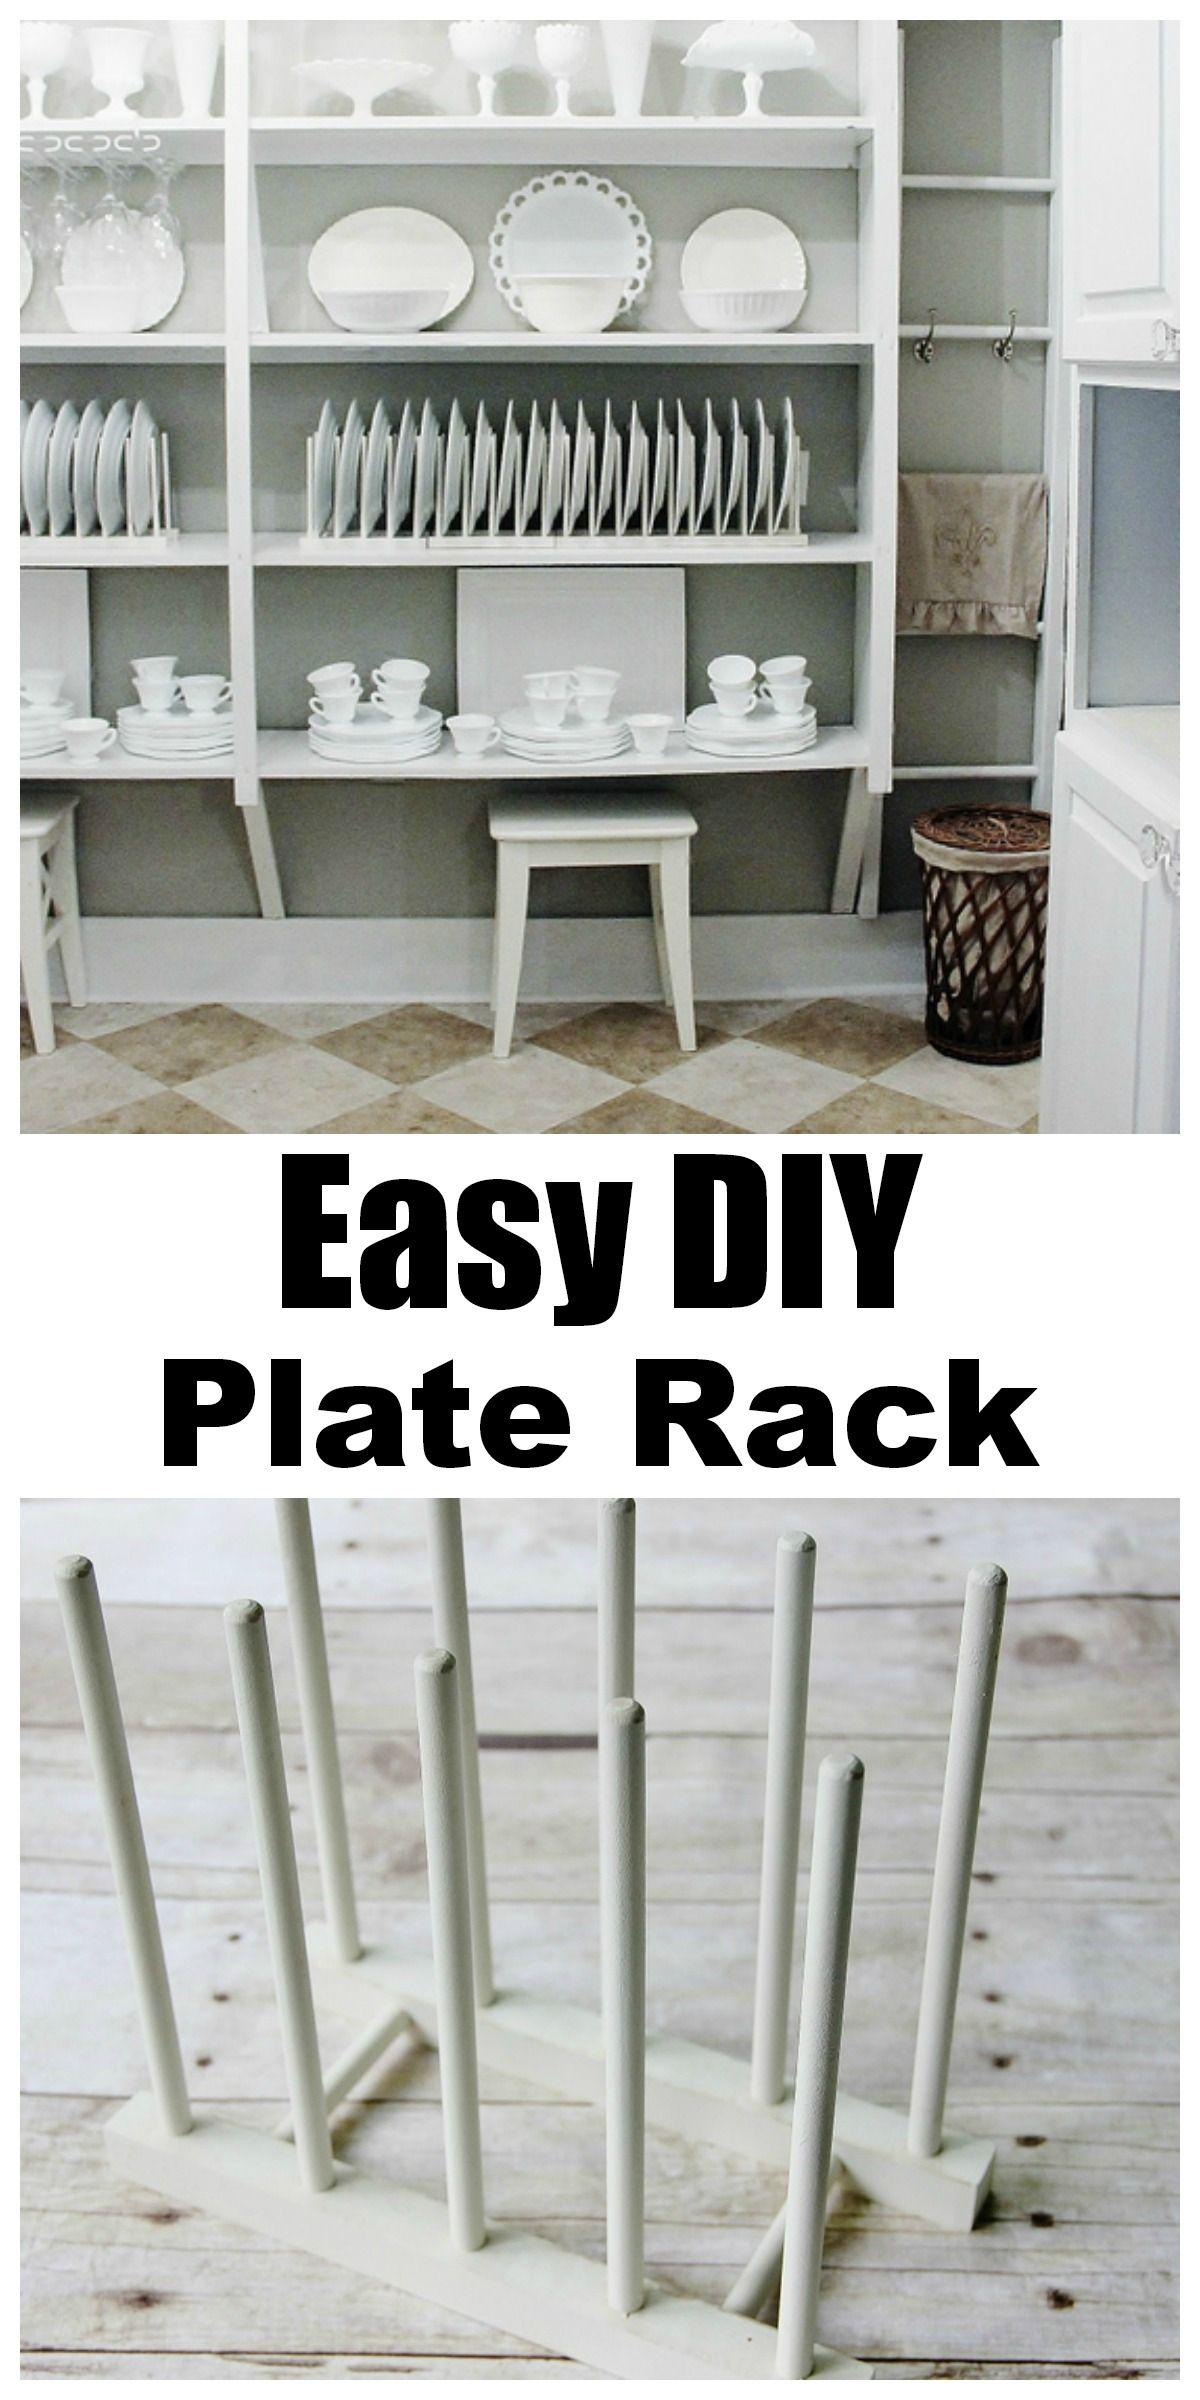 Simple Plate Display Rack | Hometalk: DIY | Pinterest | Plate racks ...